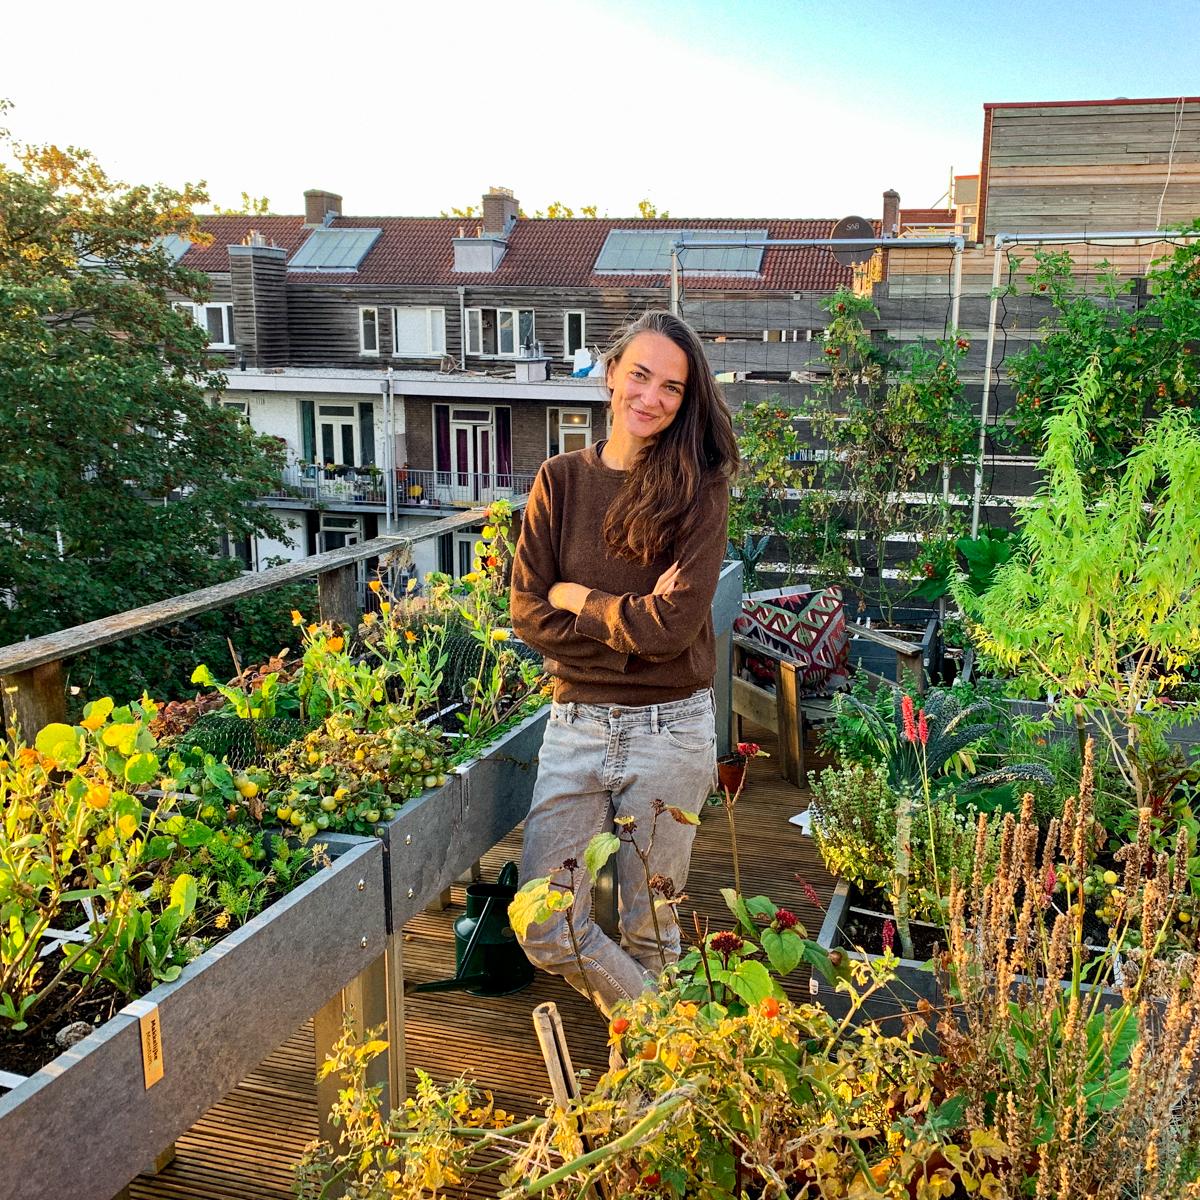 Sarah bij haar Makkelijke Moestuinbakken op het dakterras